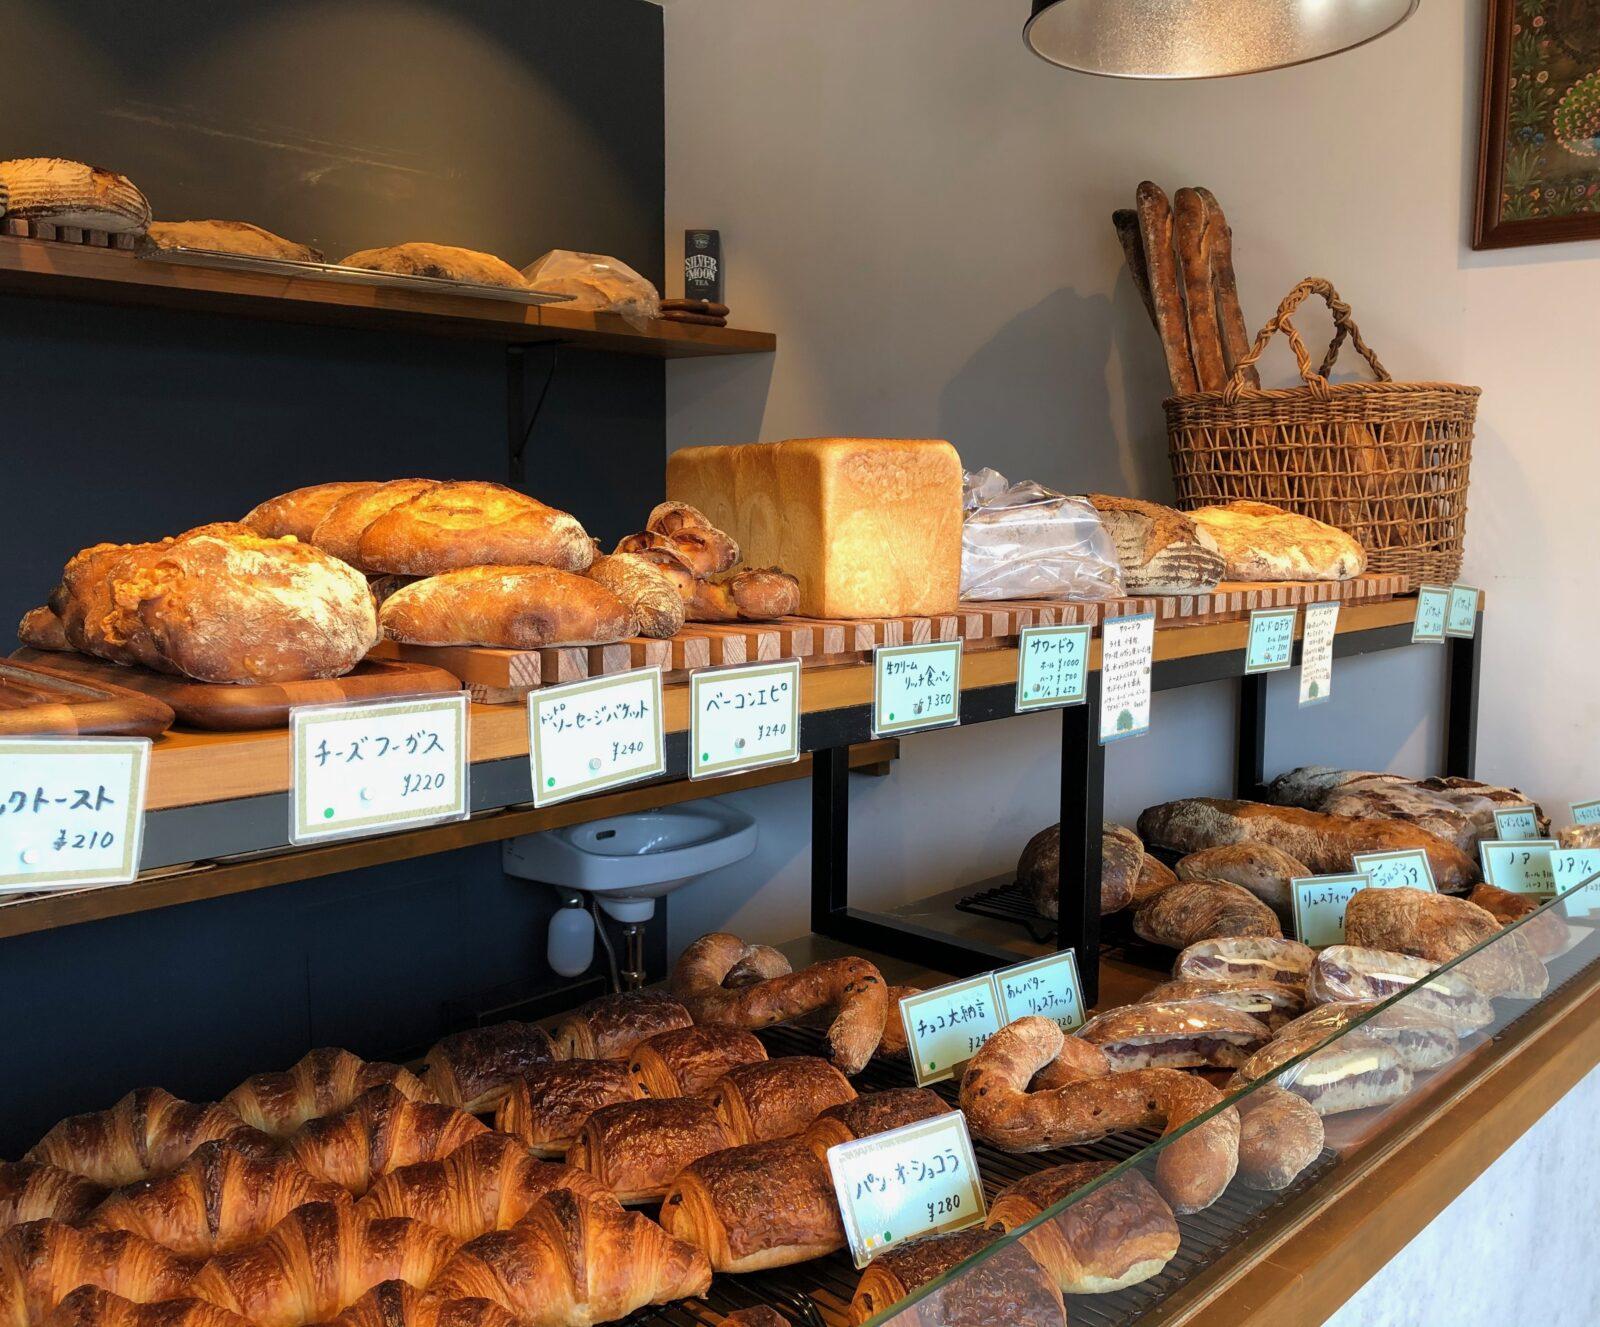 【東大和市】こだわりのハード系パンはハムやチーズと相性抜群「くじゃくベーカリー」